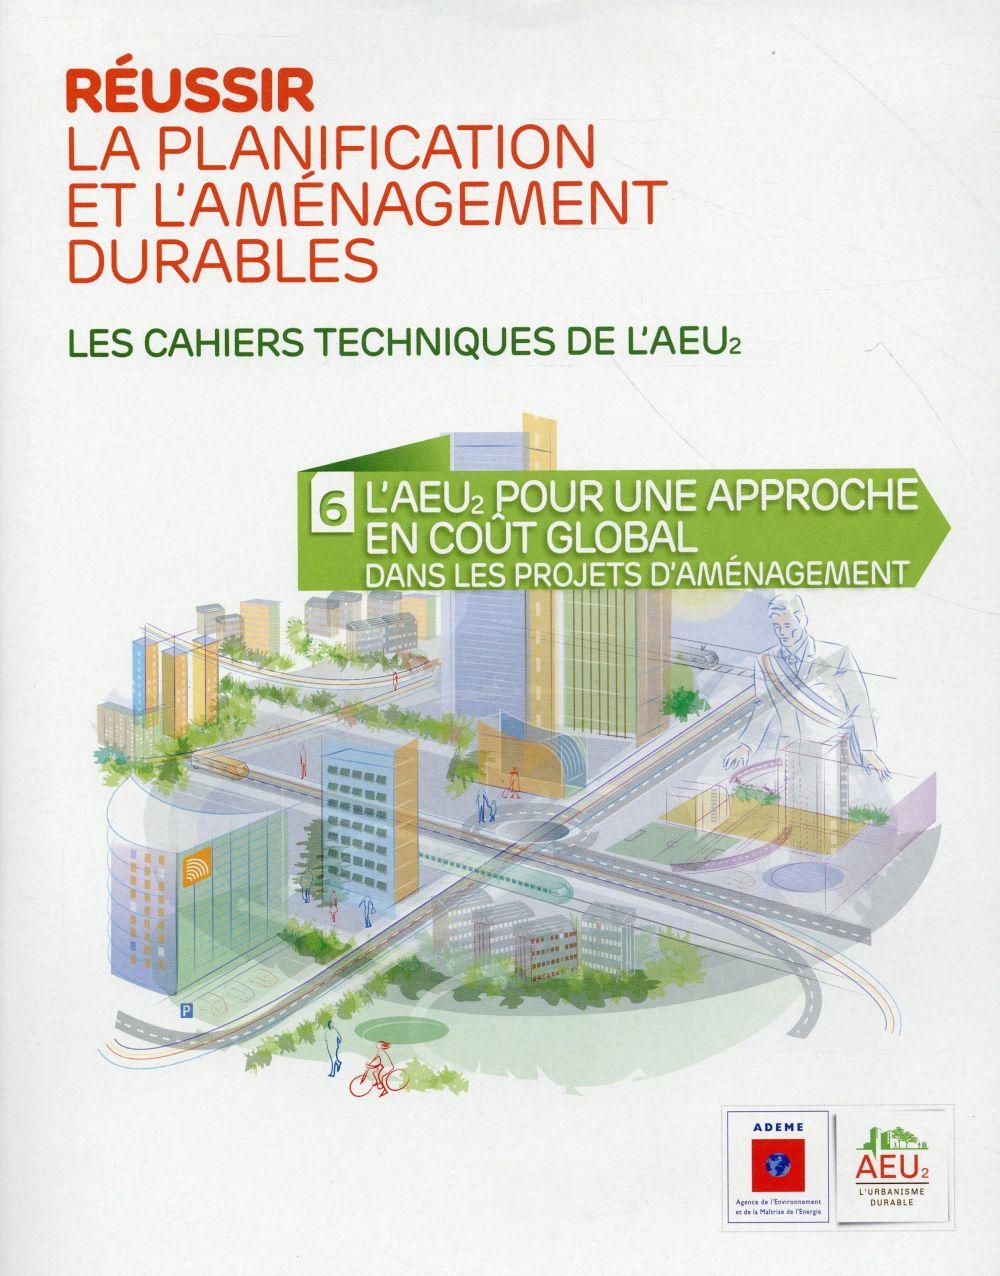 réussir la planification et l'aménagement durables t.6 ; l'AEU2 : pour une approche en coût global dans les projets d'aménagement